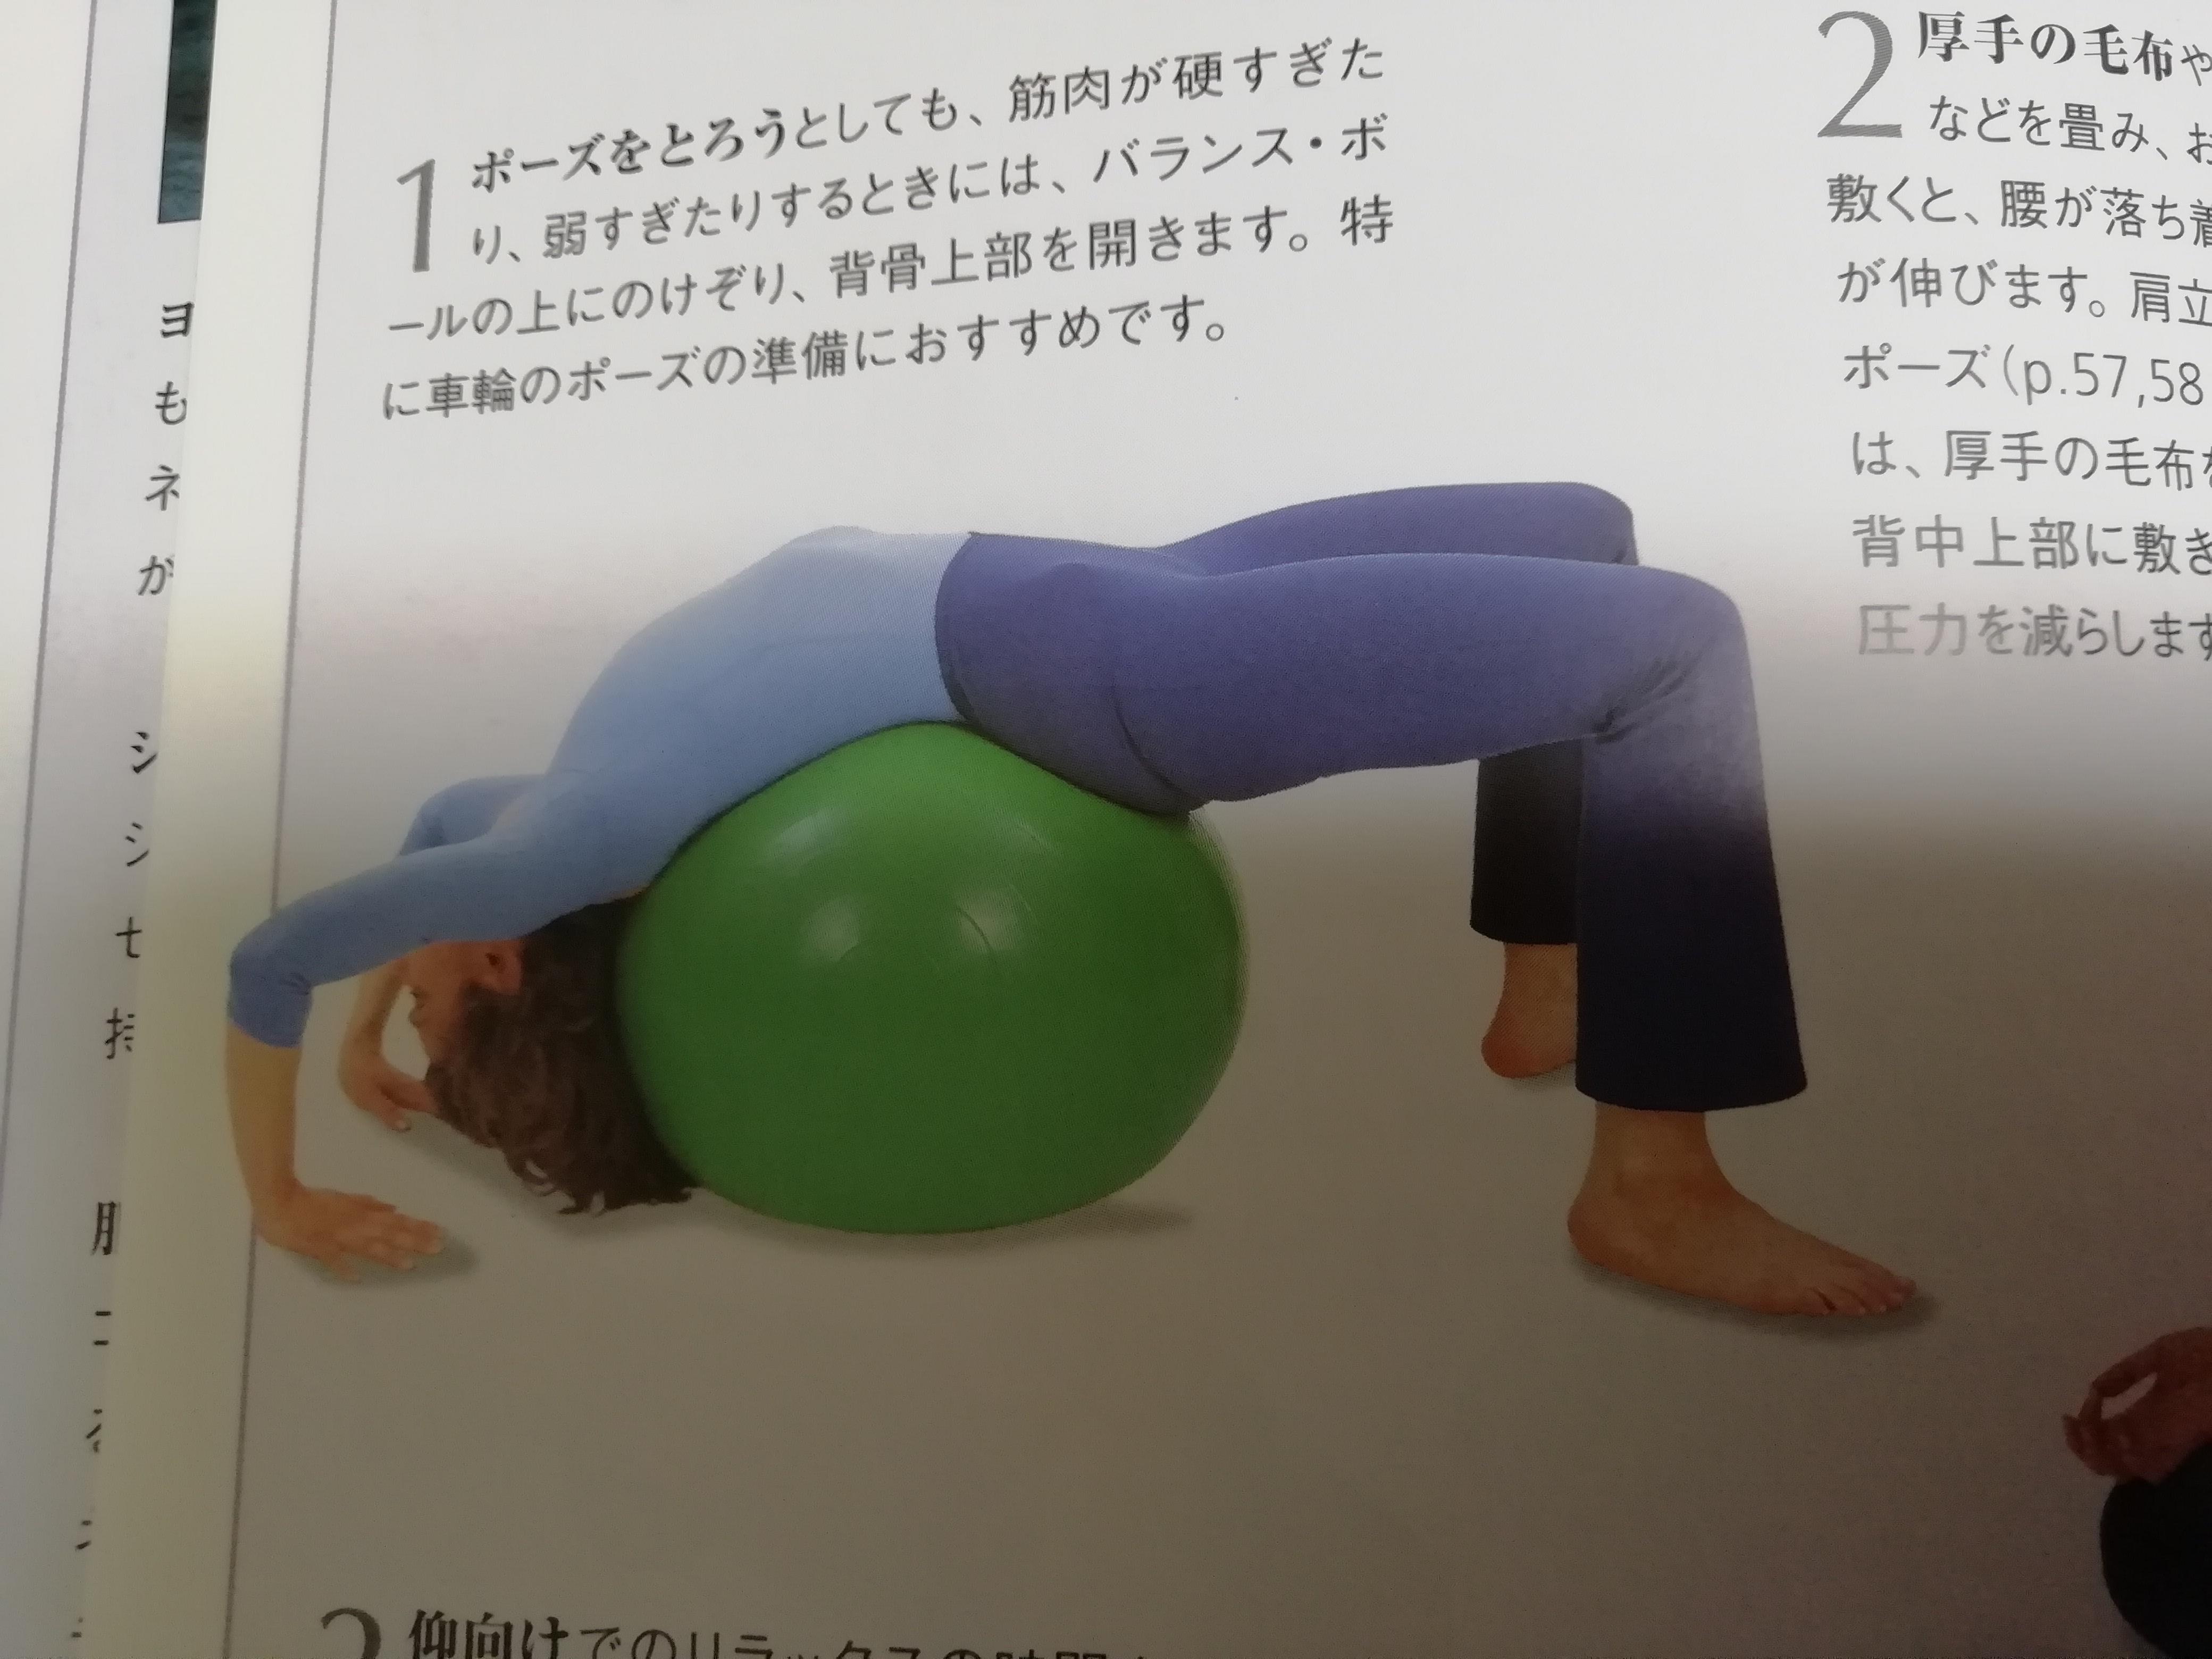 バランスボール 背中を伸ばす